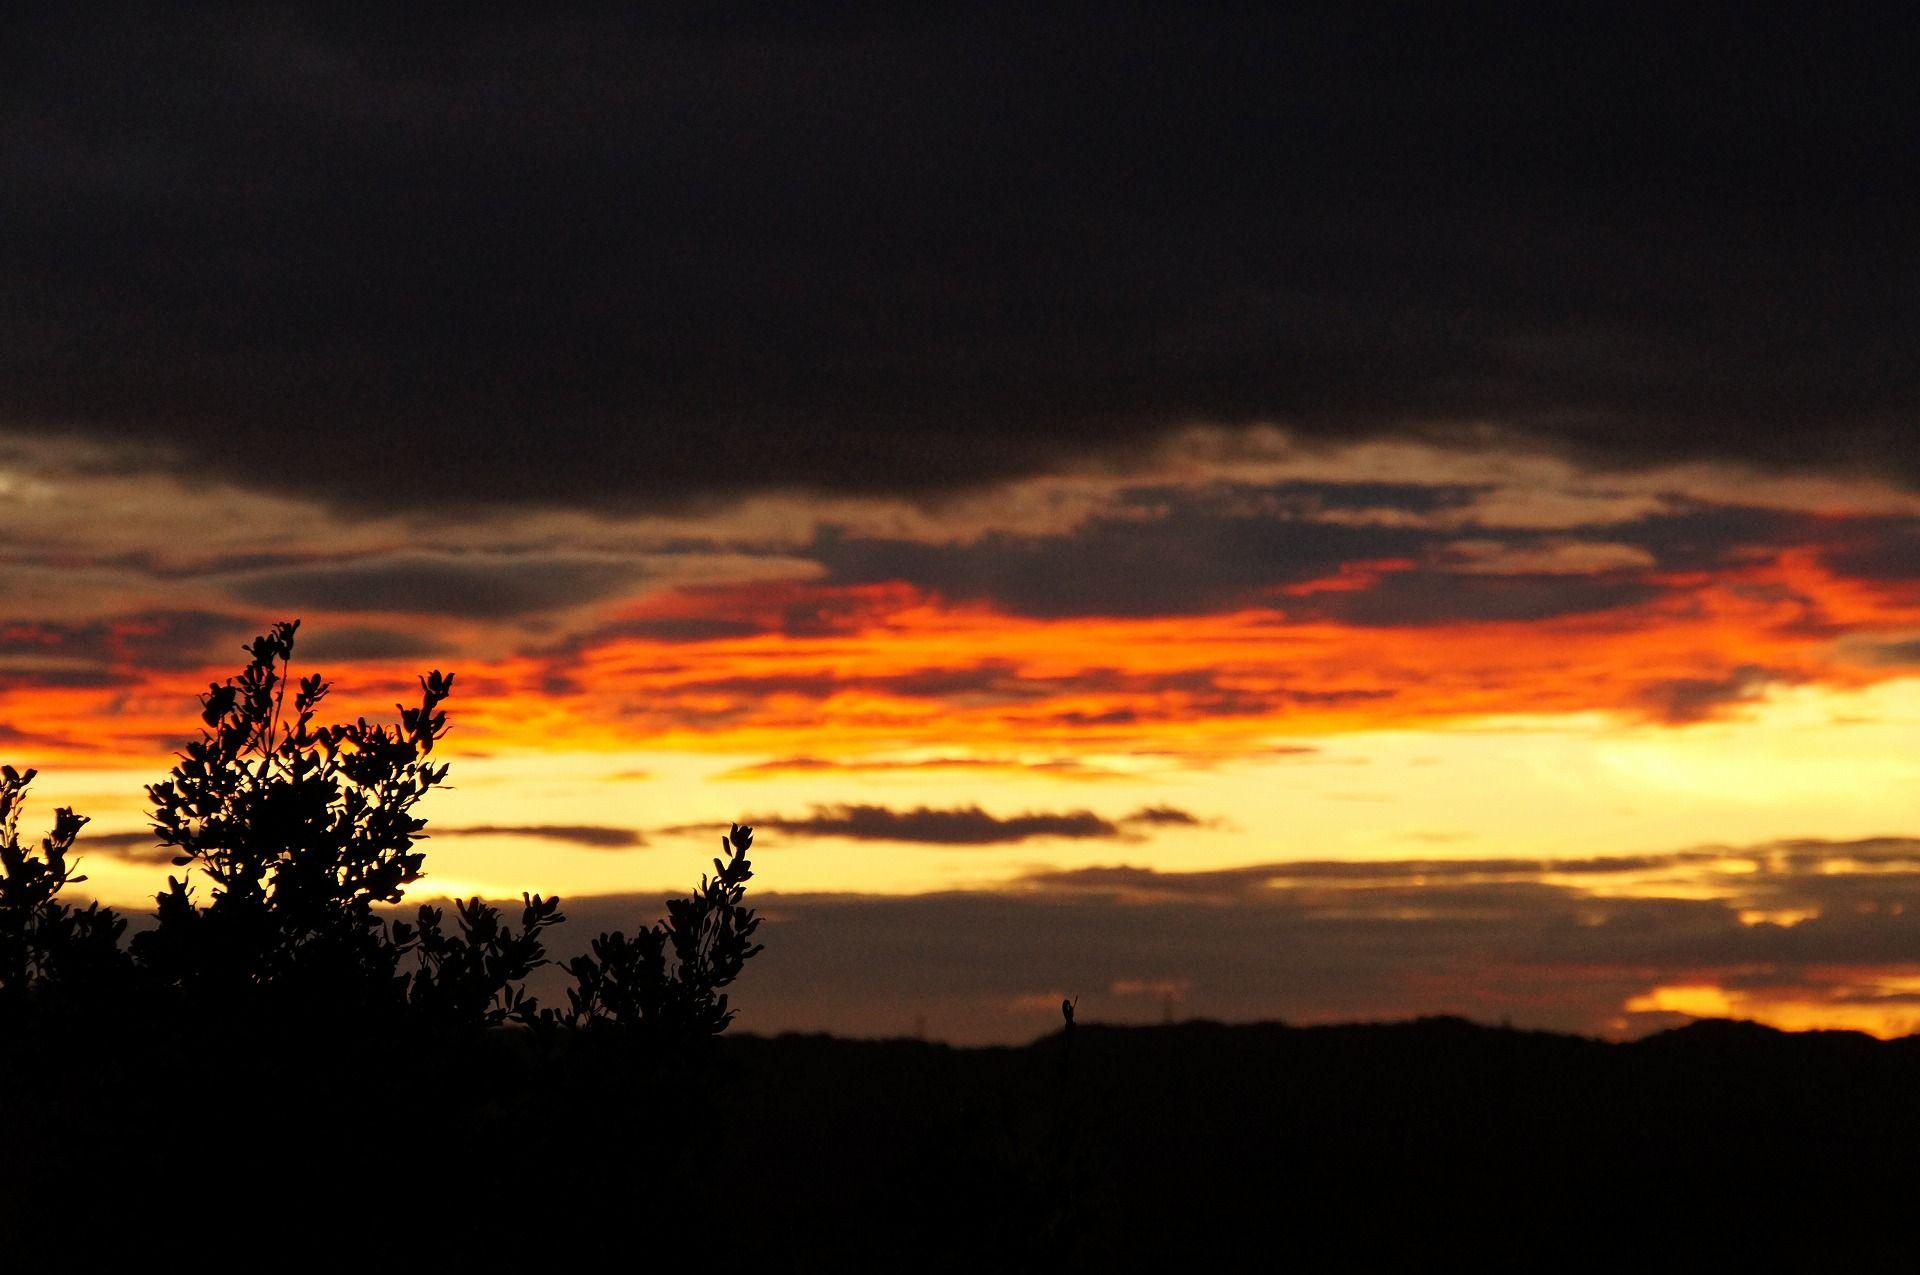 赤橙色の夕焼け空:公開日誌